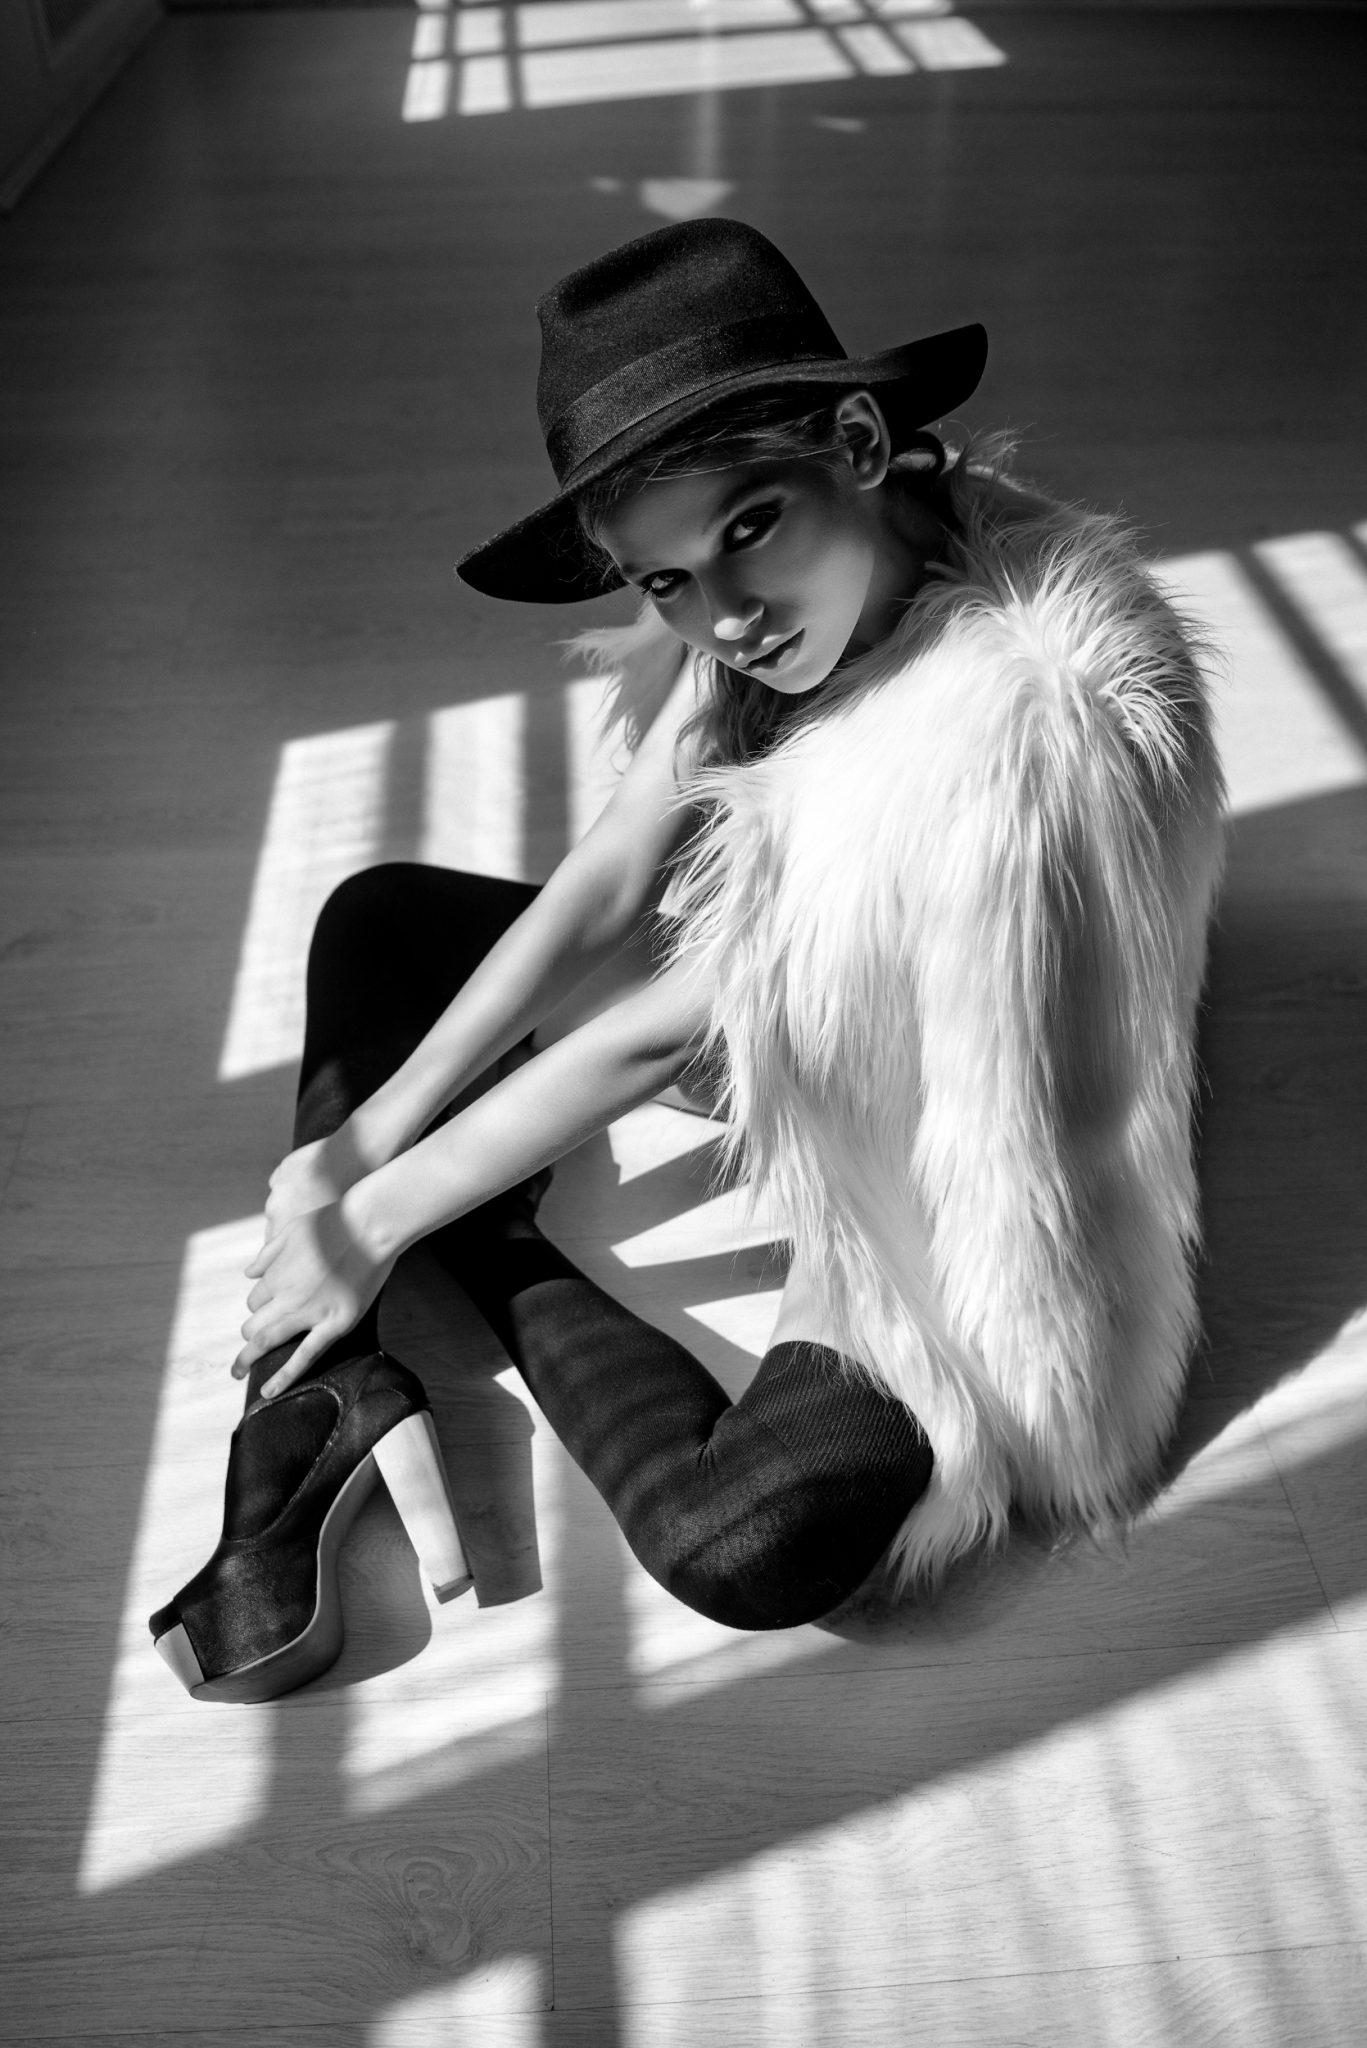 Модельное портфолио девушка в белье и шубке